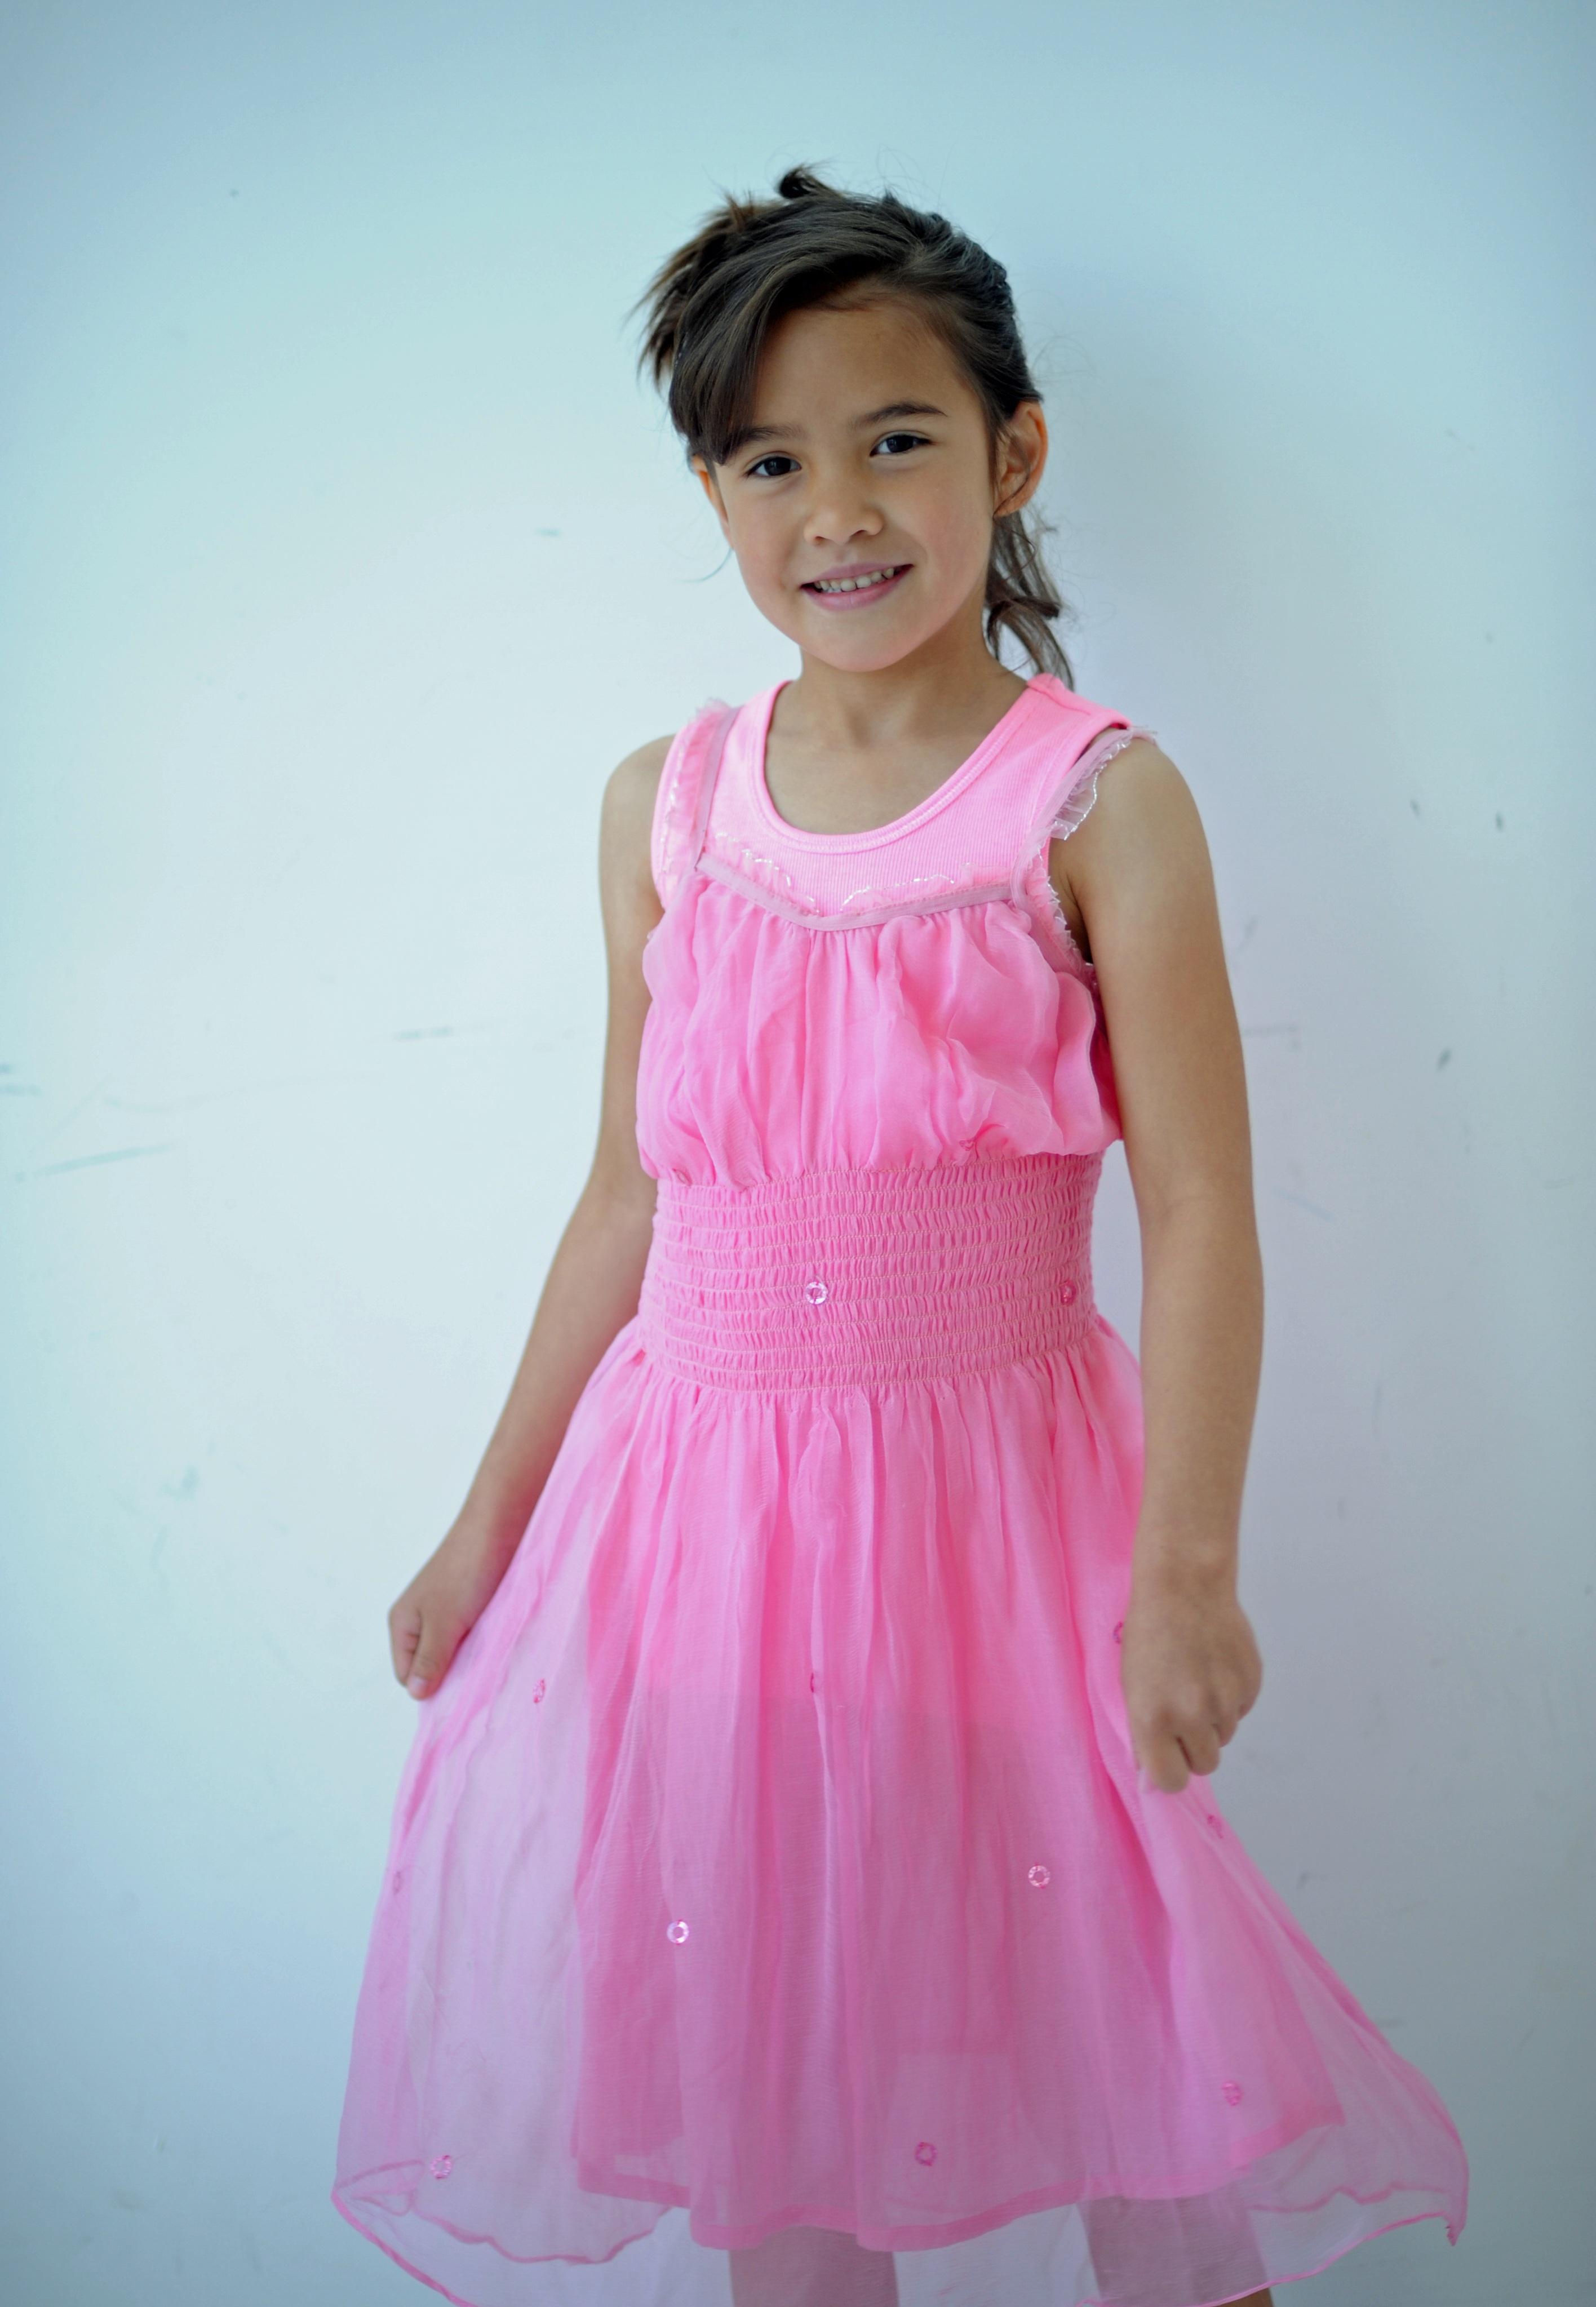 Fotos gratis : persona, joven, niño, ropa, rosado, infancia, Posando ...